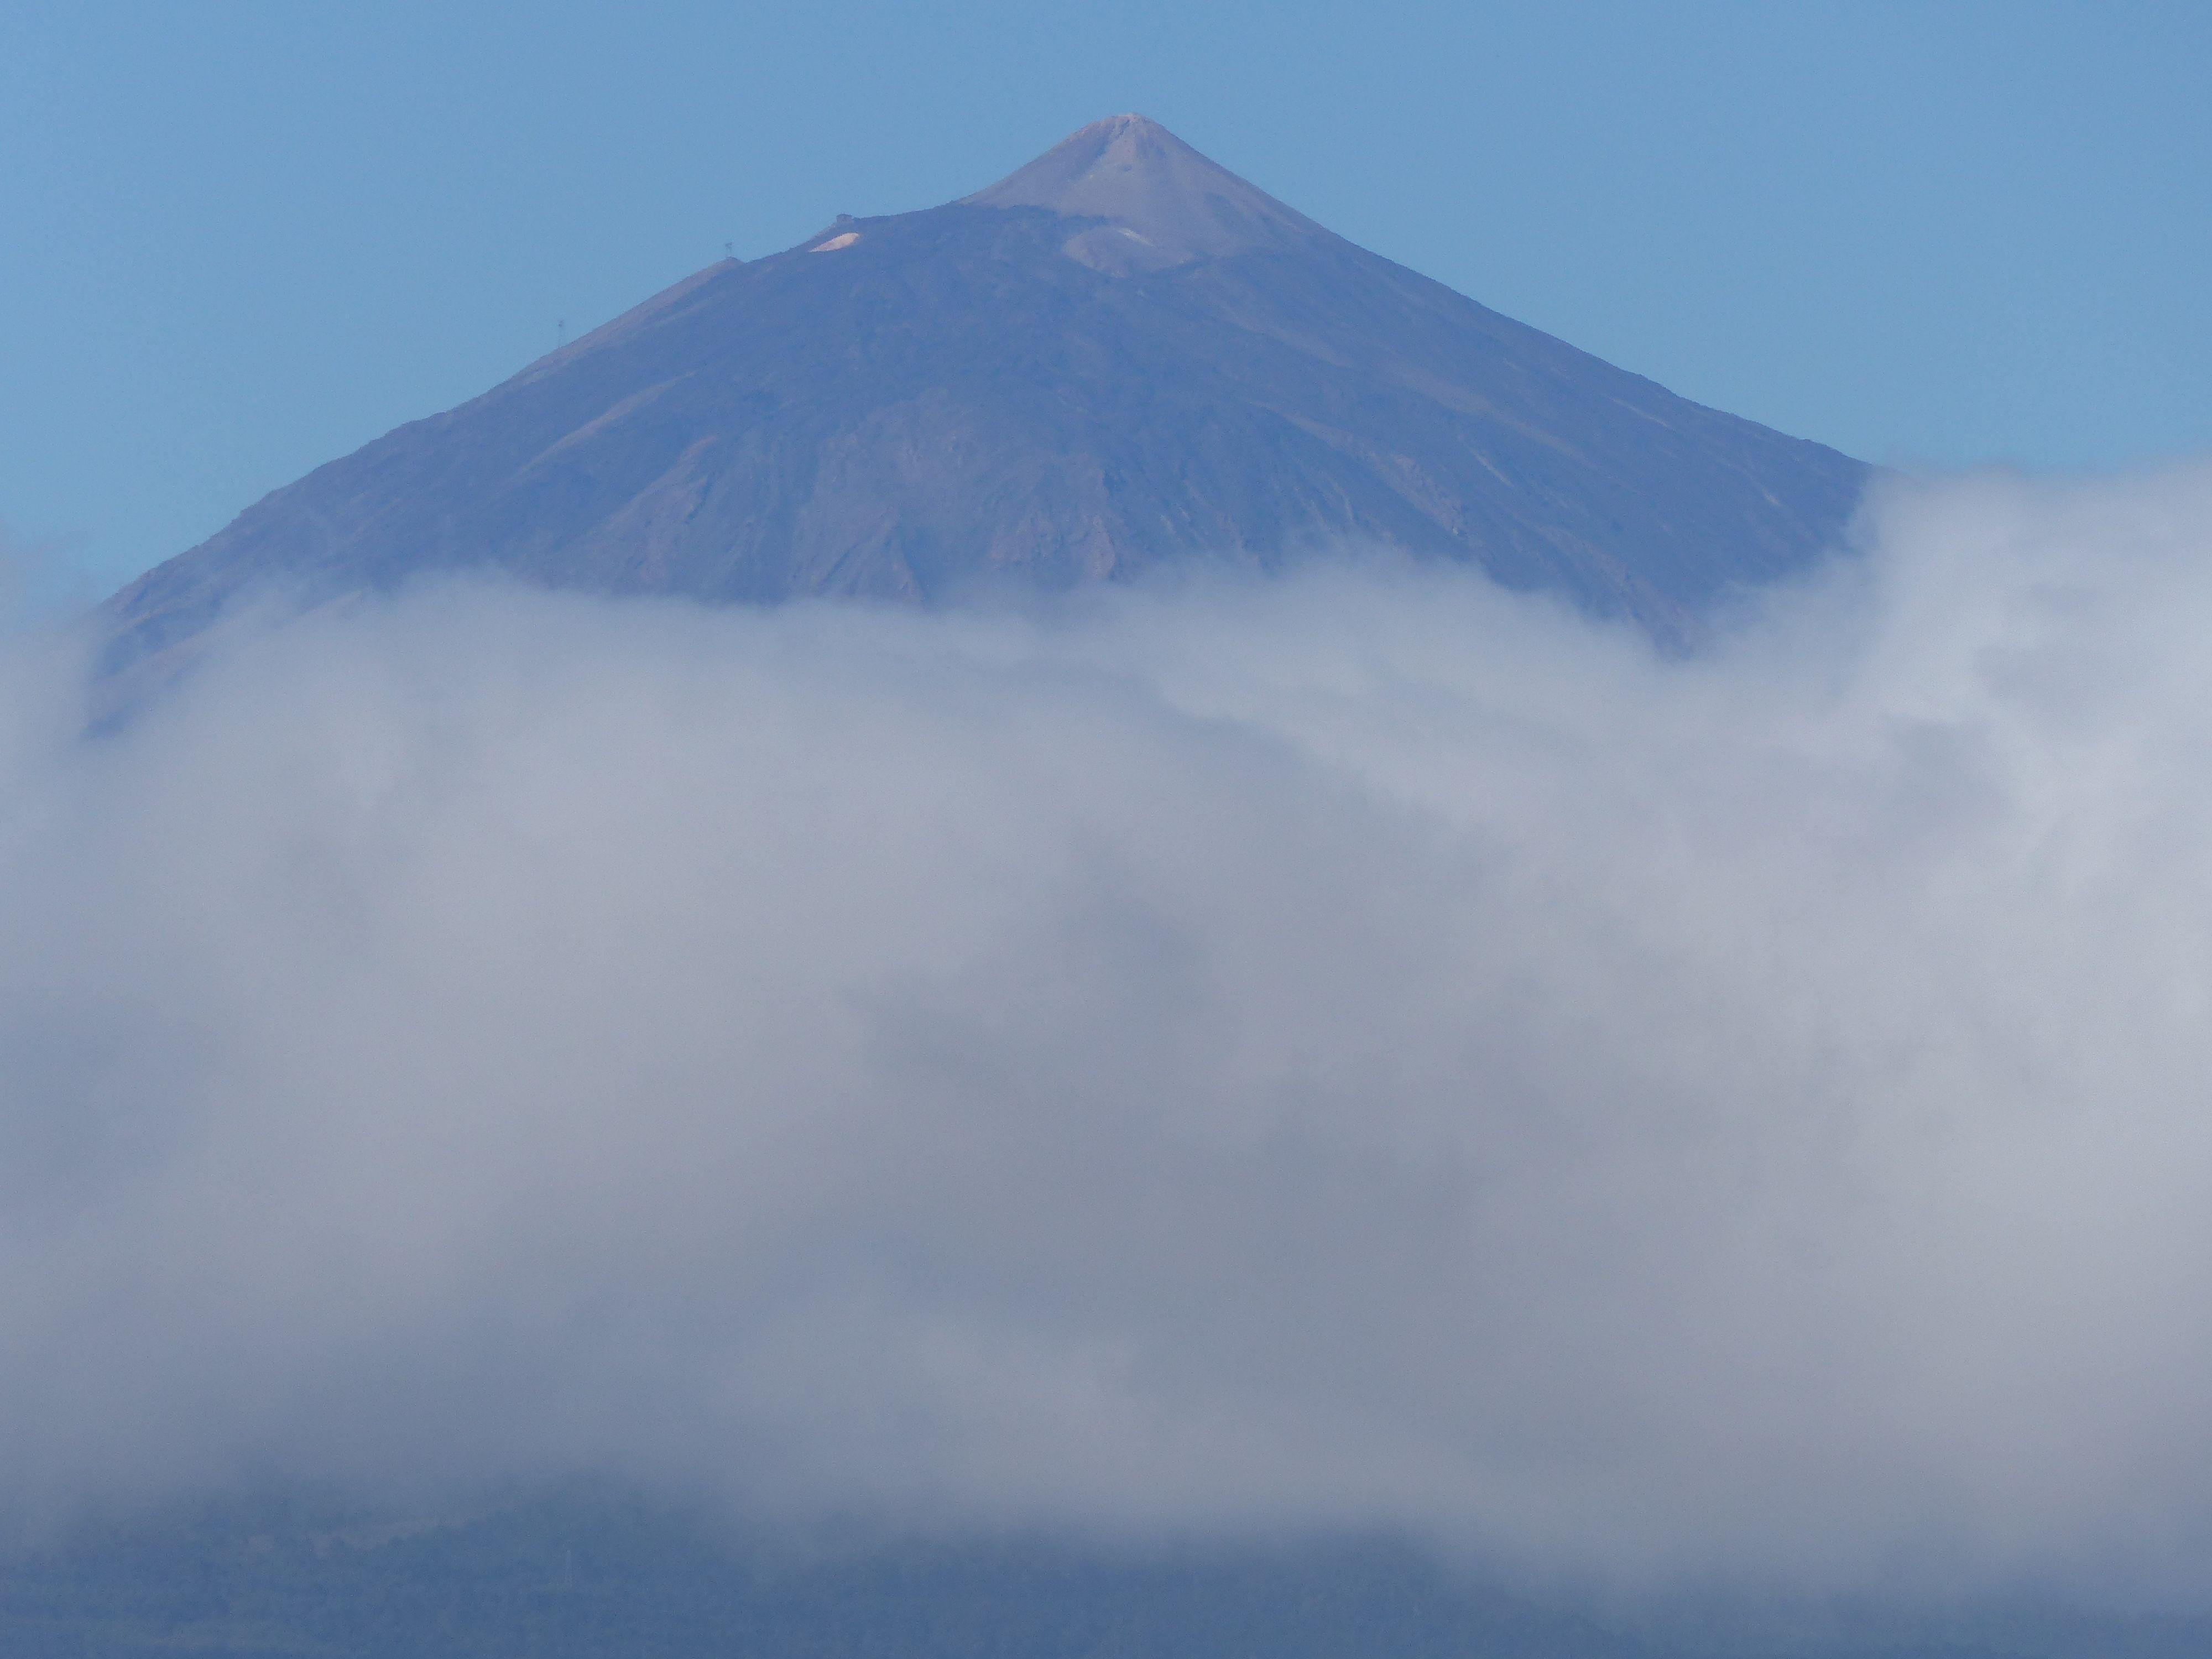 來了Tenerife一週卻只能遠眺Teide,超丟臉的...